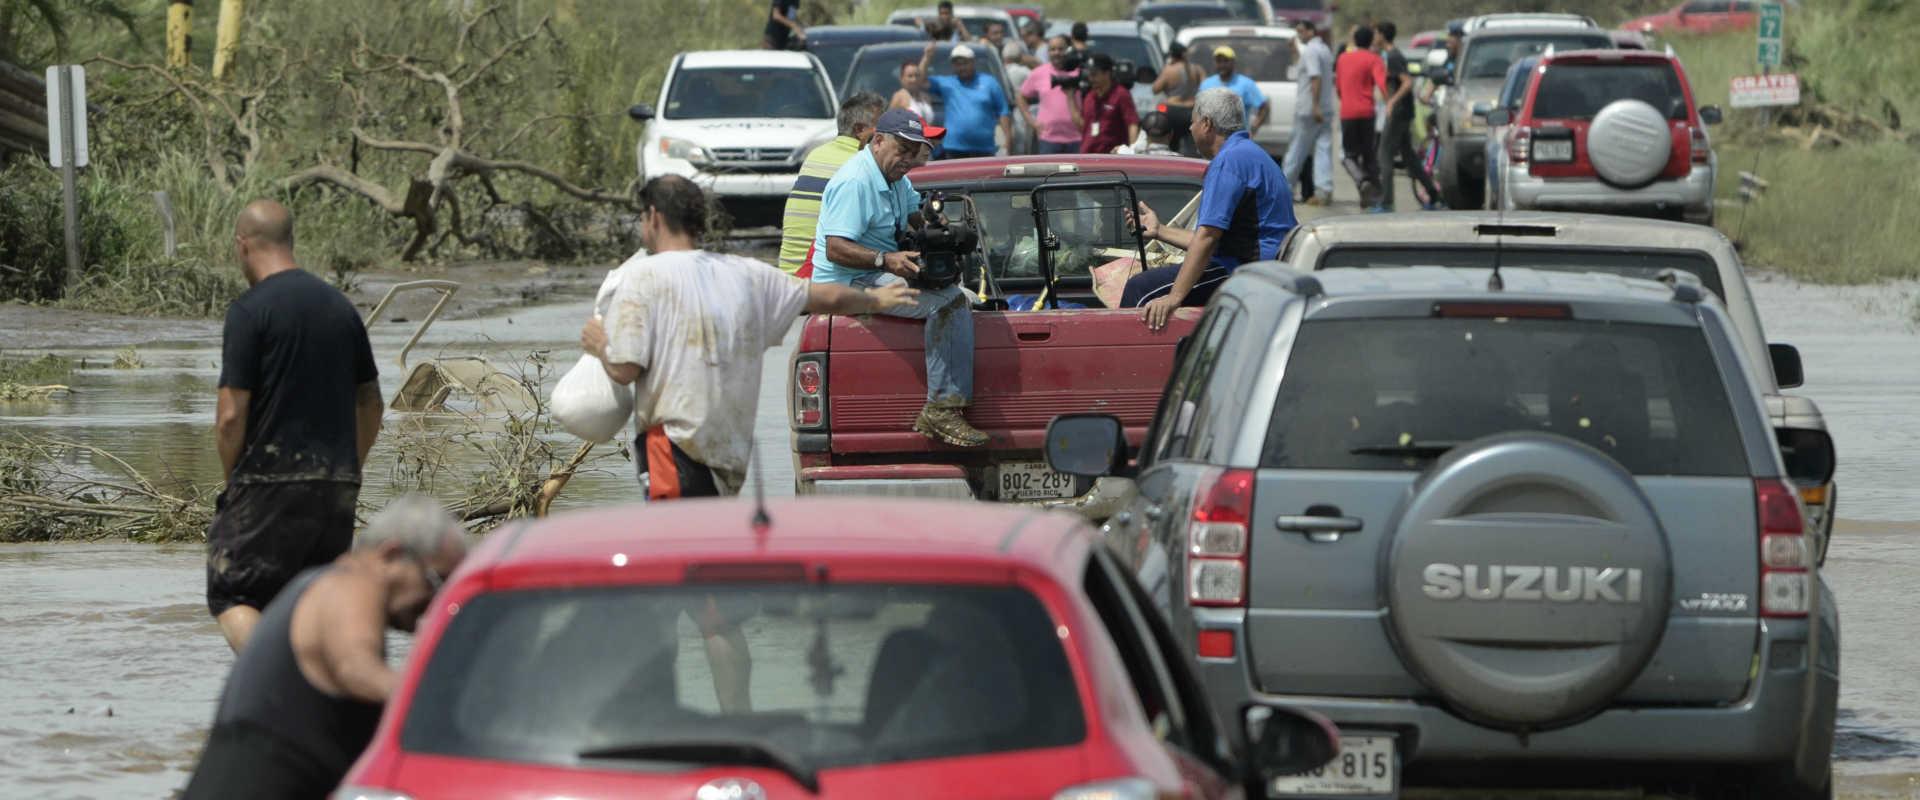 תושבי פורטו ריקו מתפנים, היום